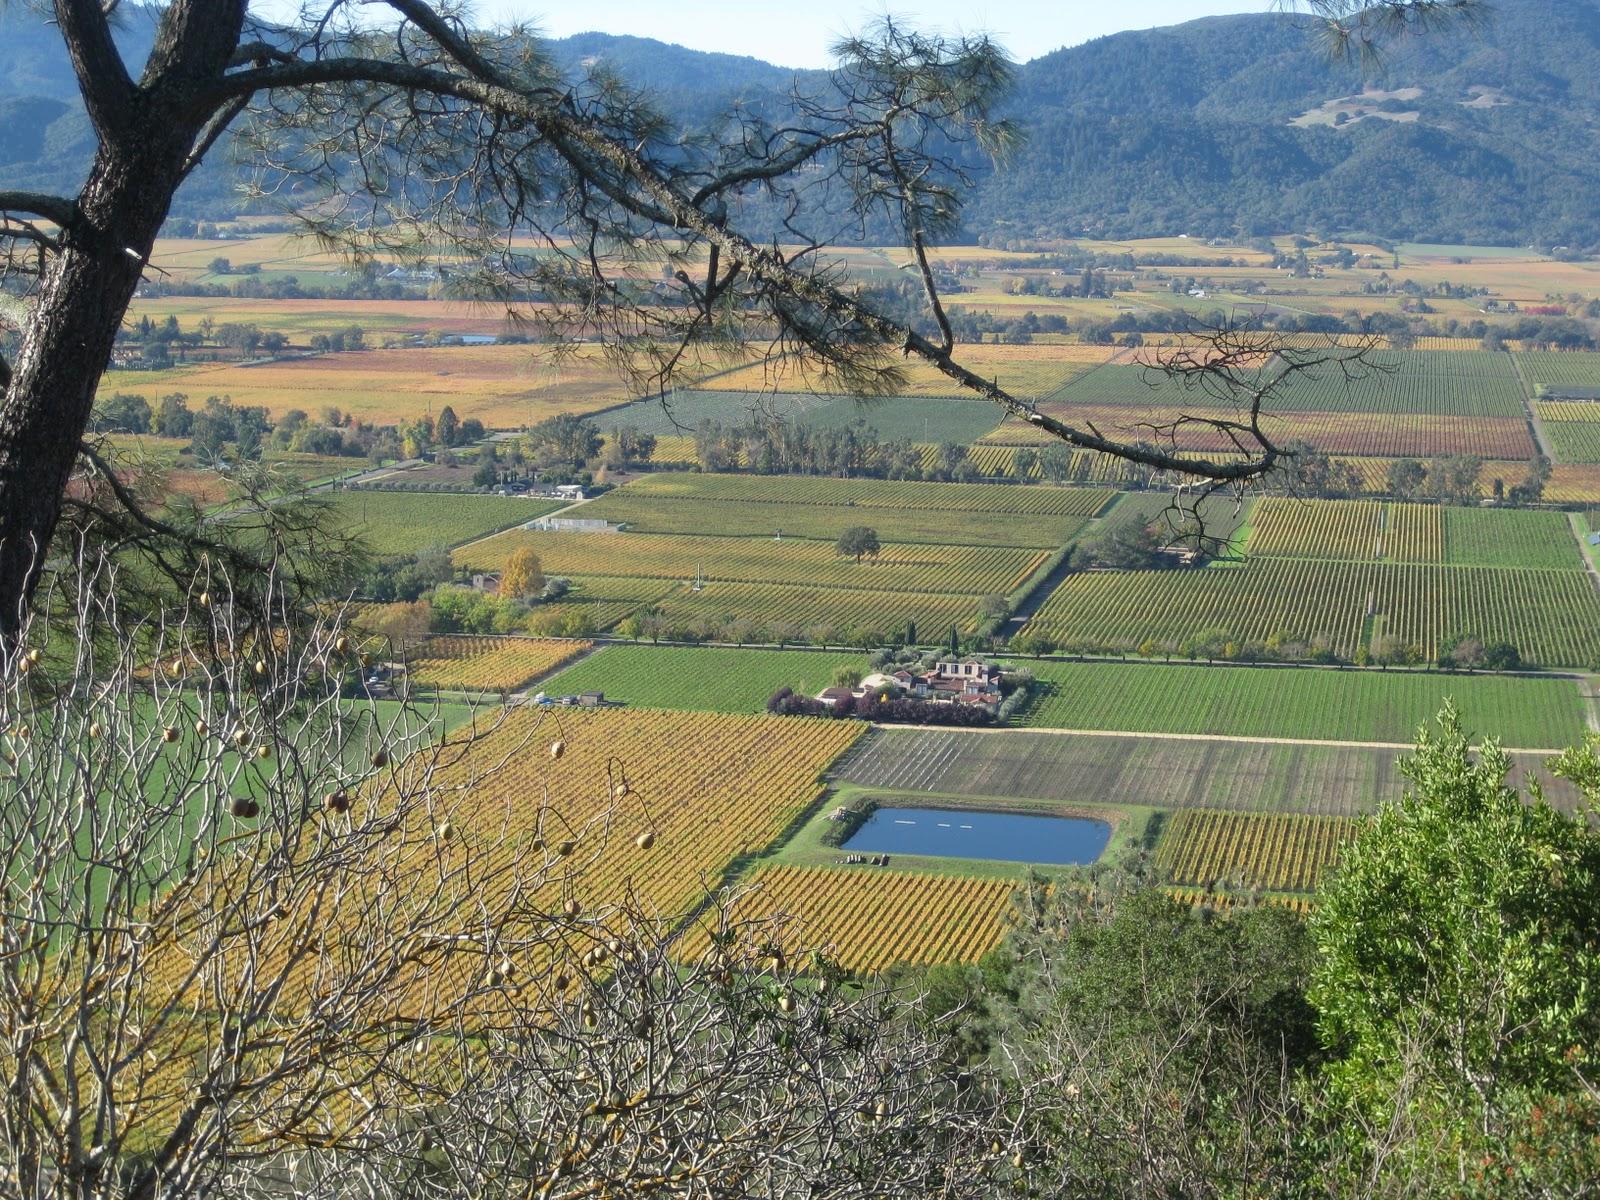 Piña Napa Valley: Tha Fall Colors